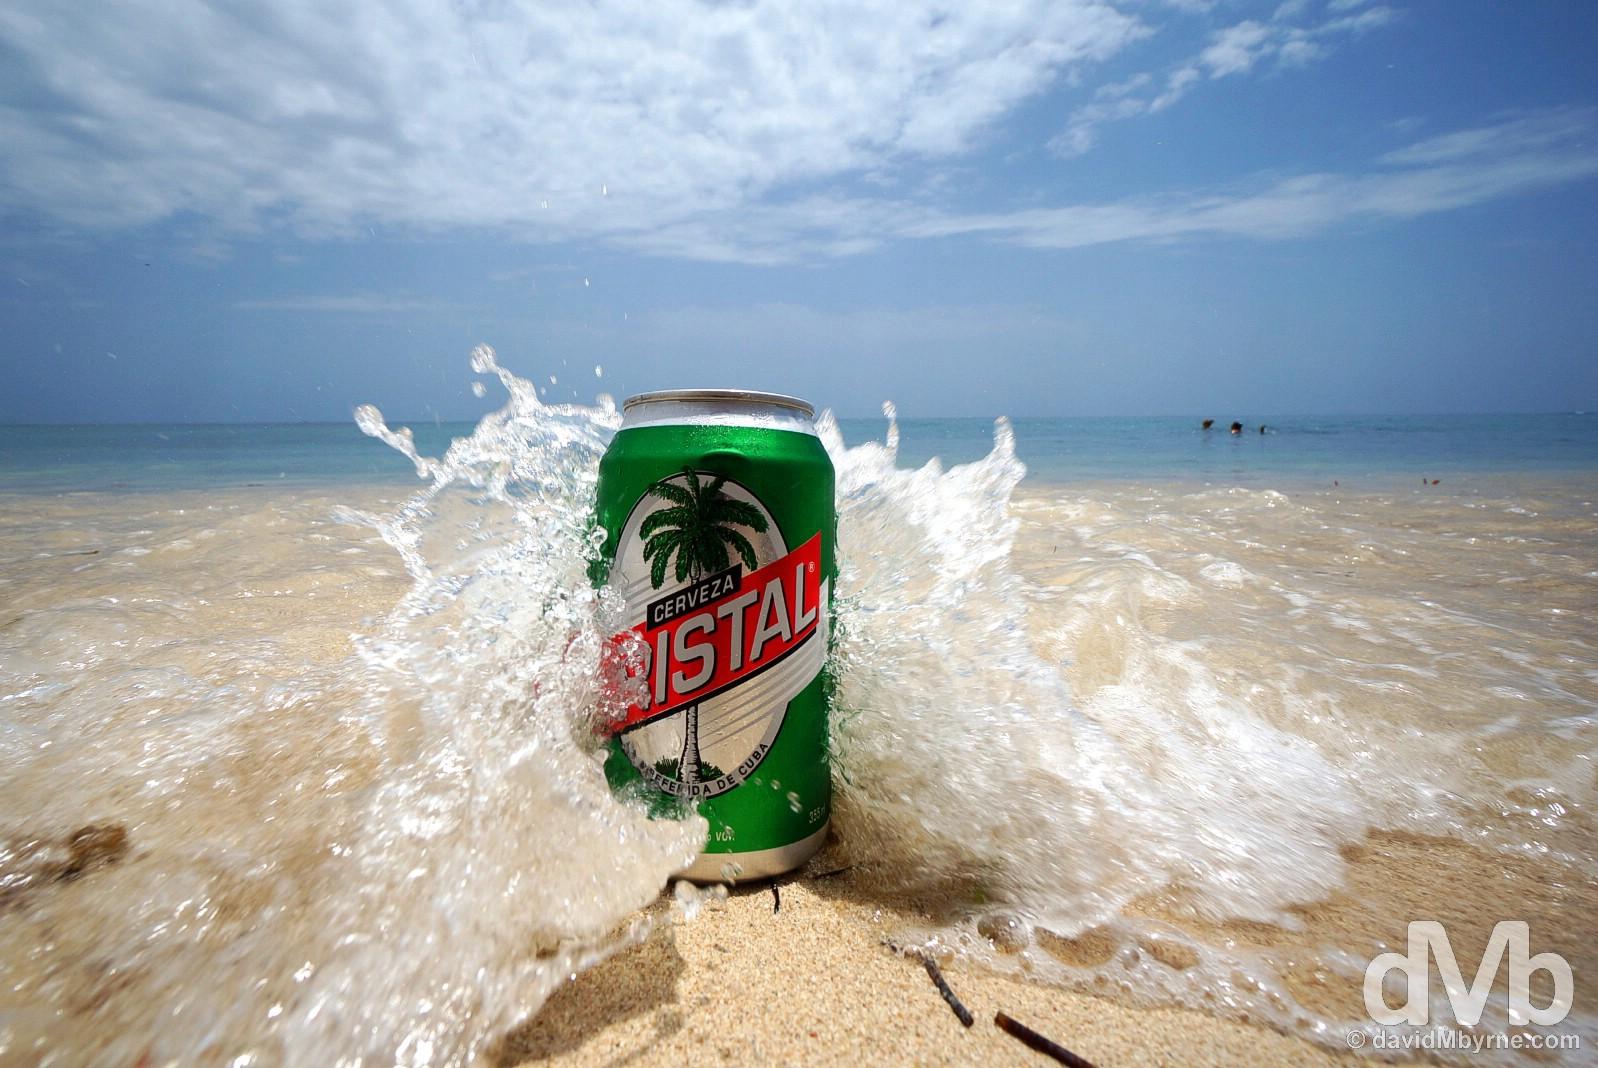 Cristal beer. Playa Ancon, Cuba. May 6, 2015.